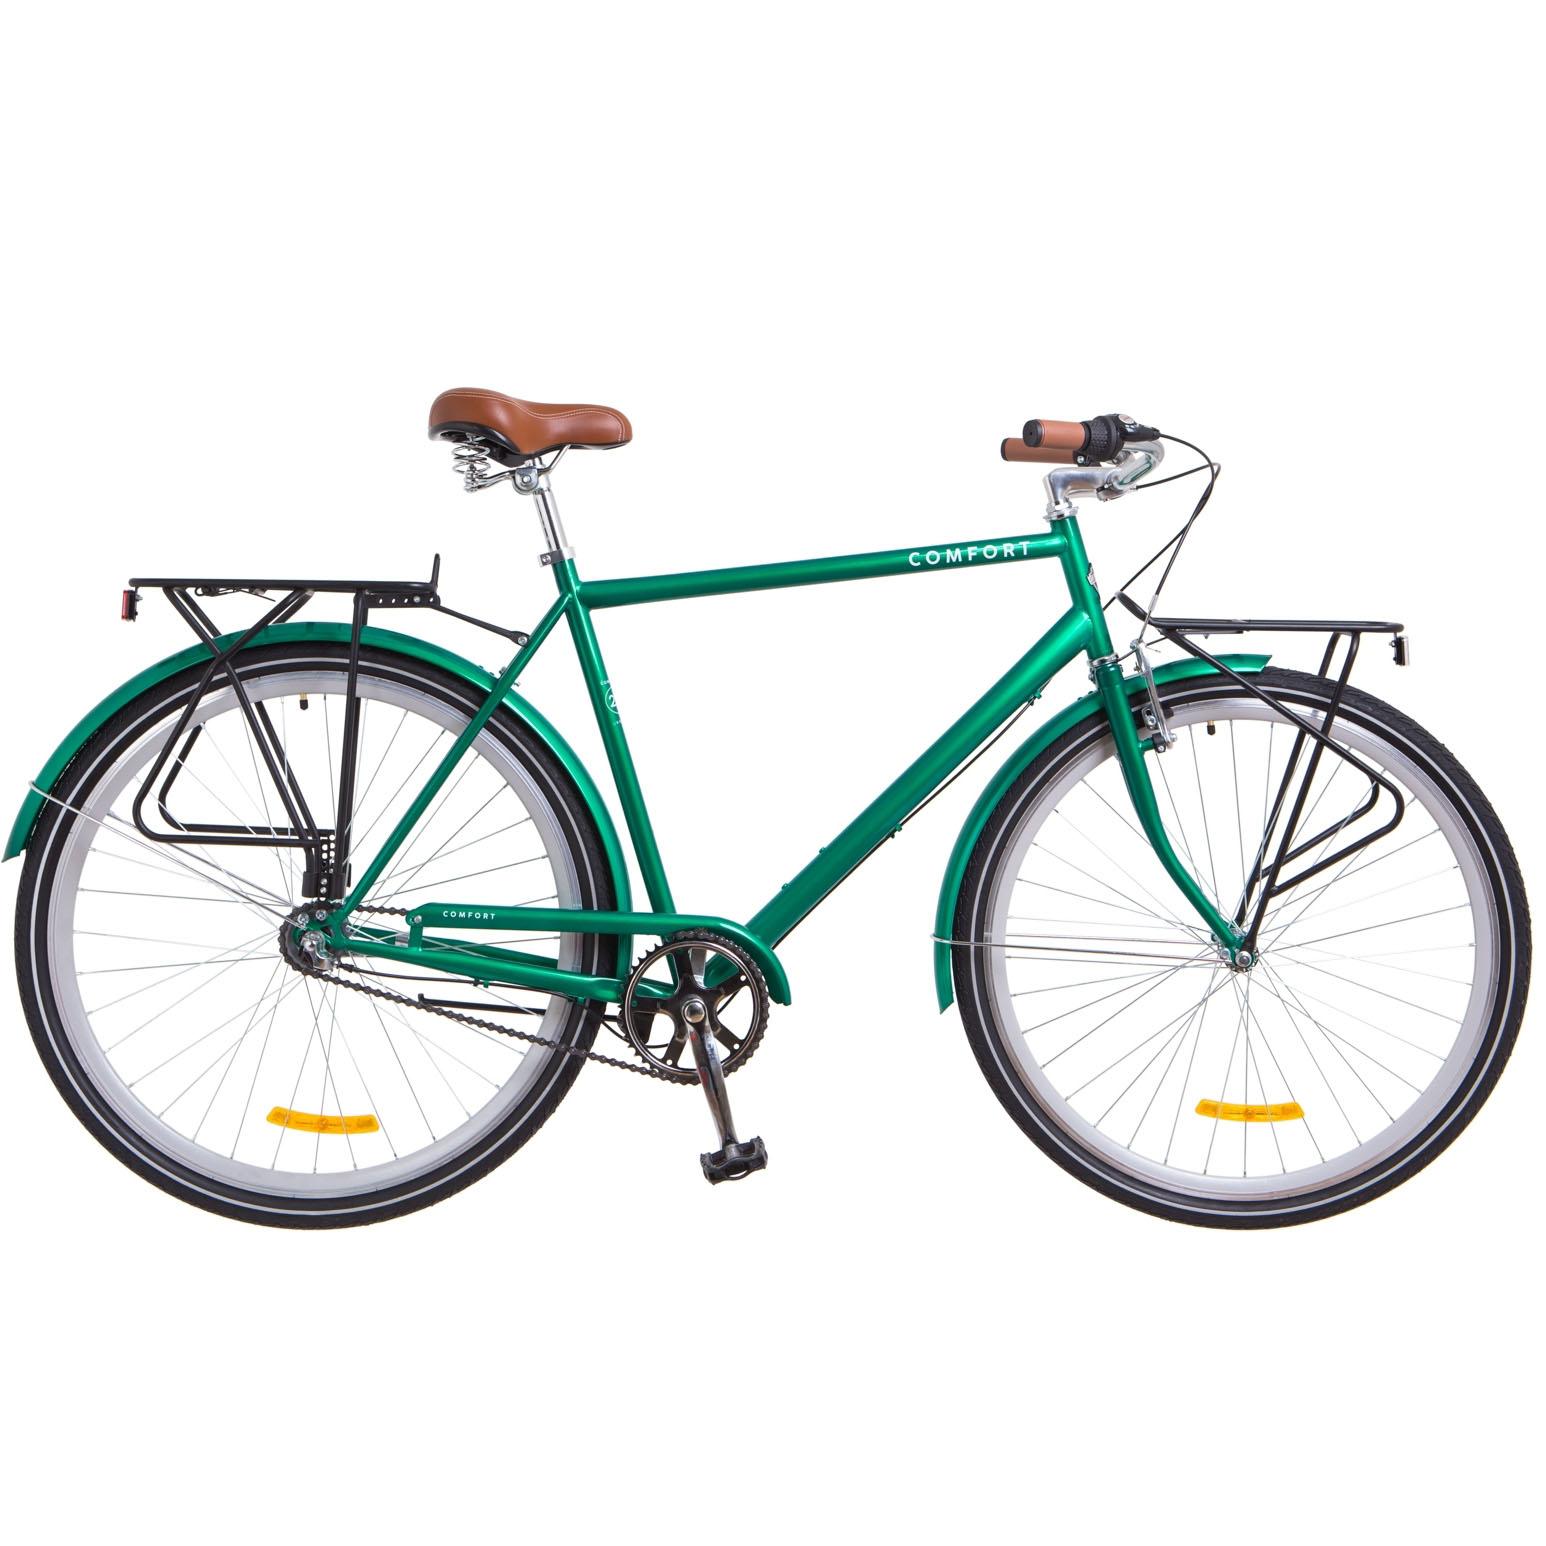 Фото Городской Велосипед 28 Dorozhnik COMFORT MALE планет. зеленый